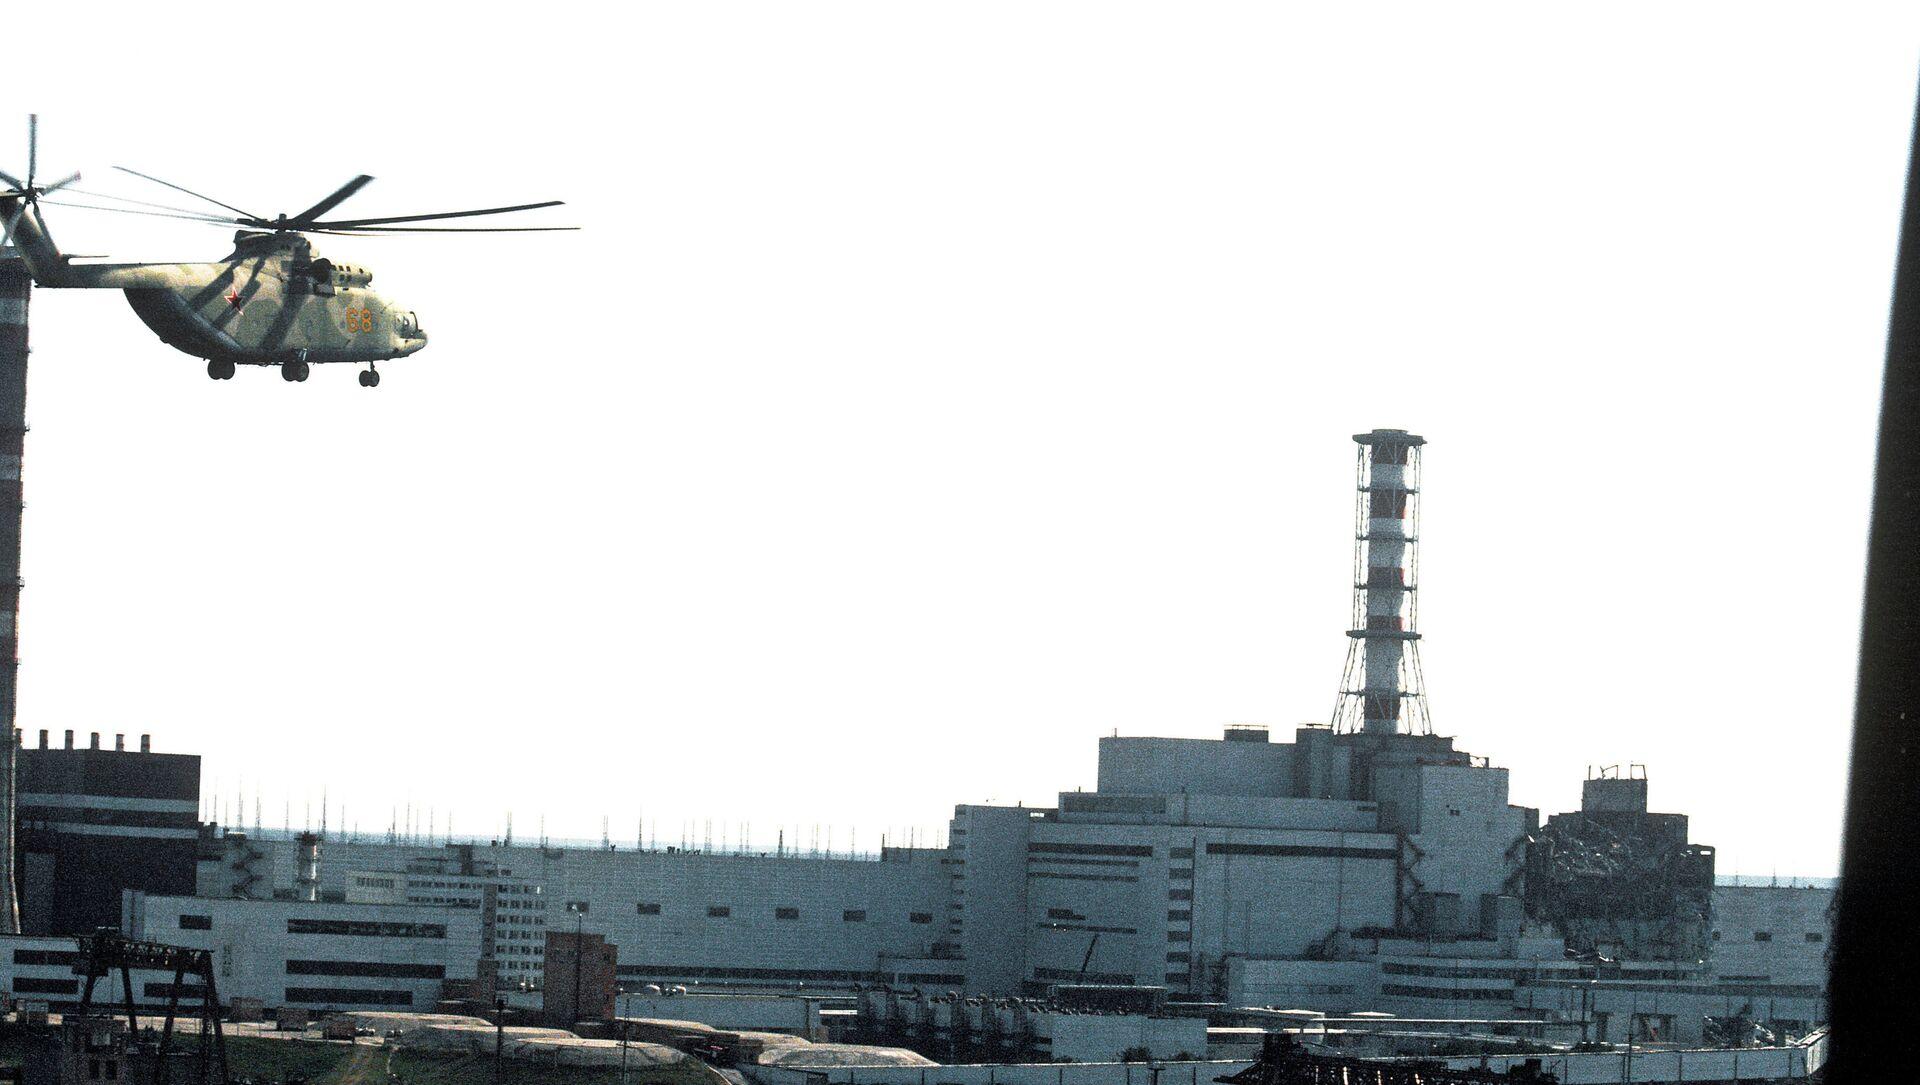 La centrale nucleare di Chernobyl dopo il disastro - Sputnik Italia, 1920, 08.05.2021